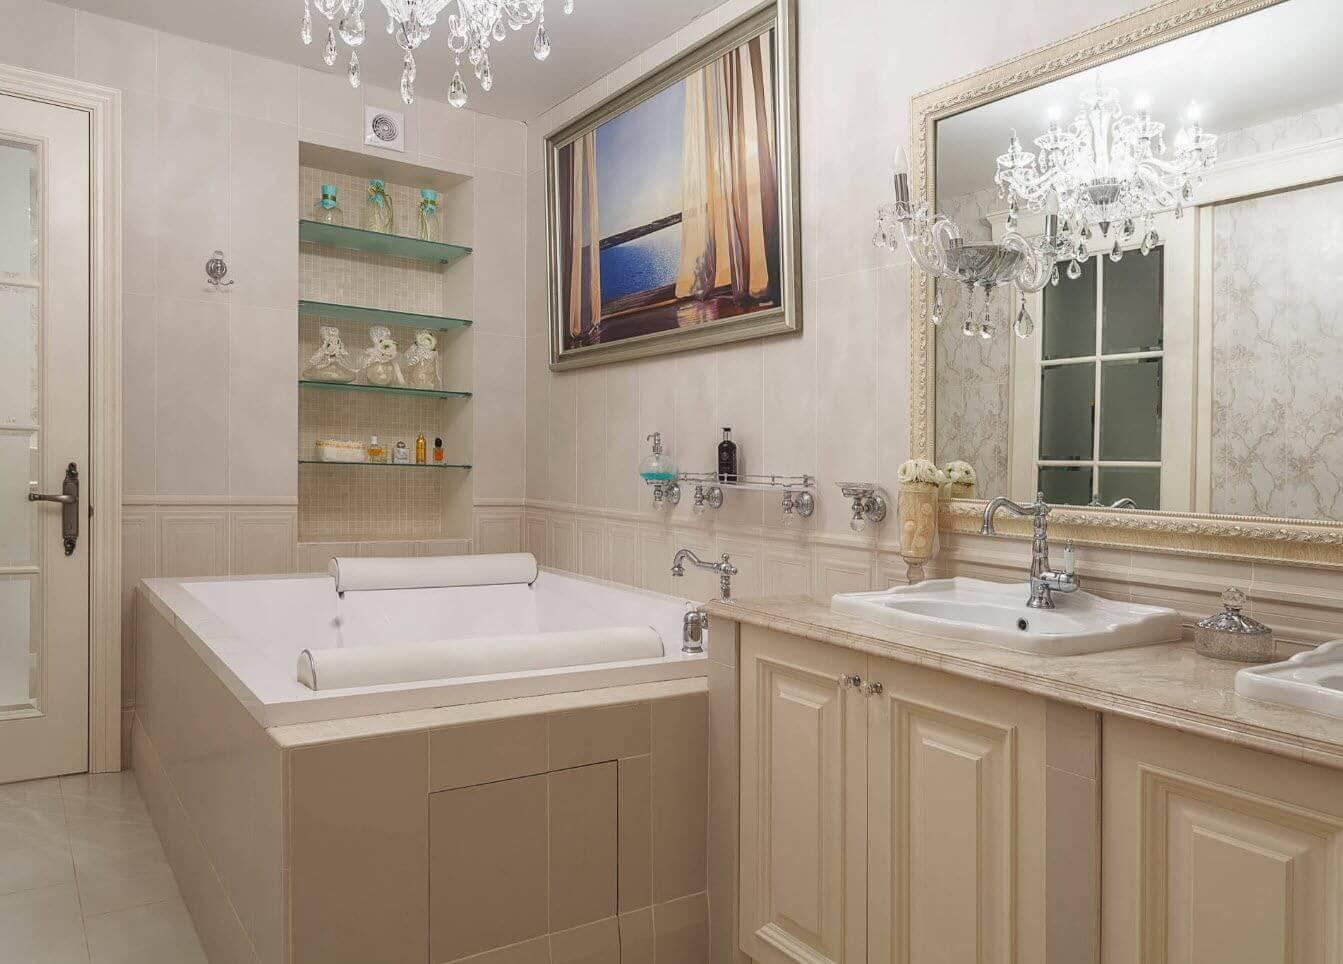 стеклянные полки в ванной комнате